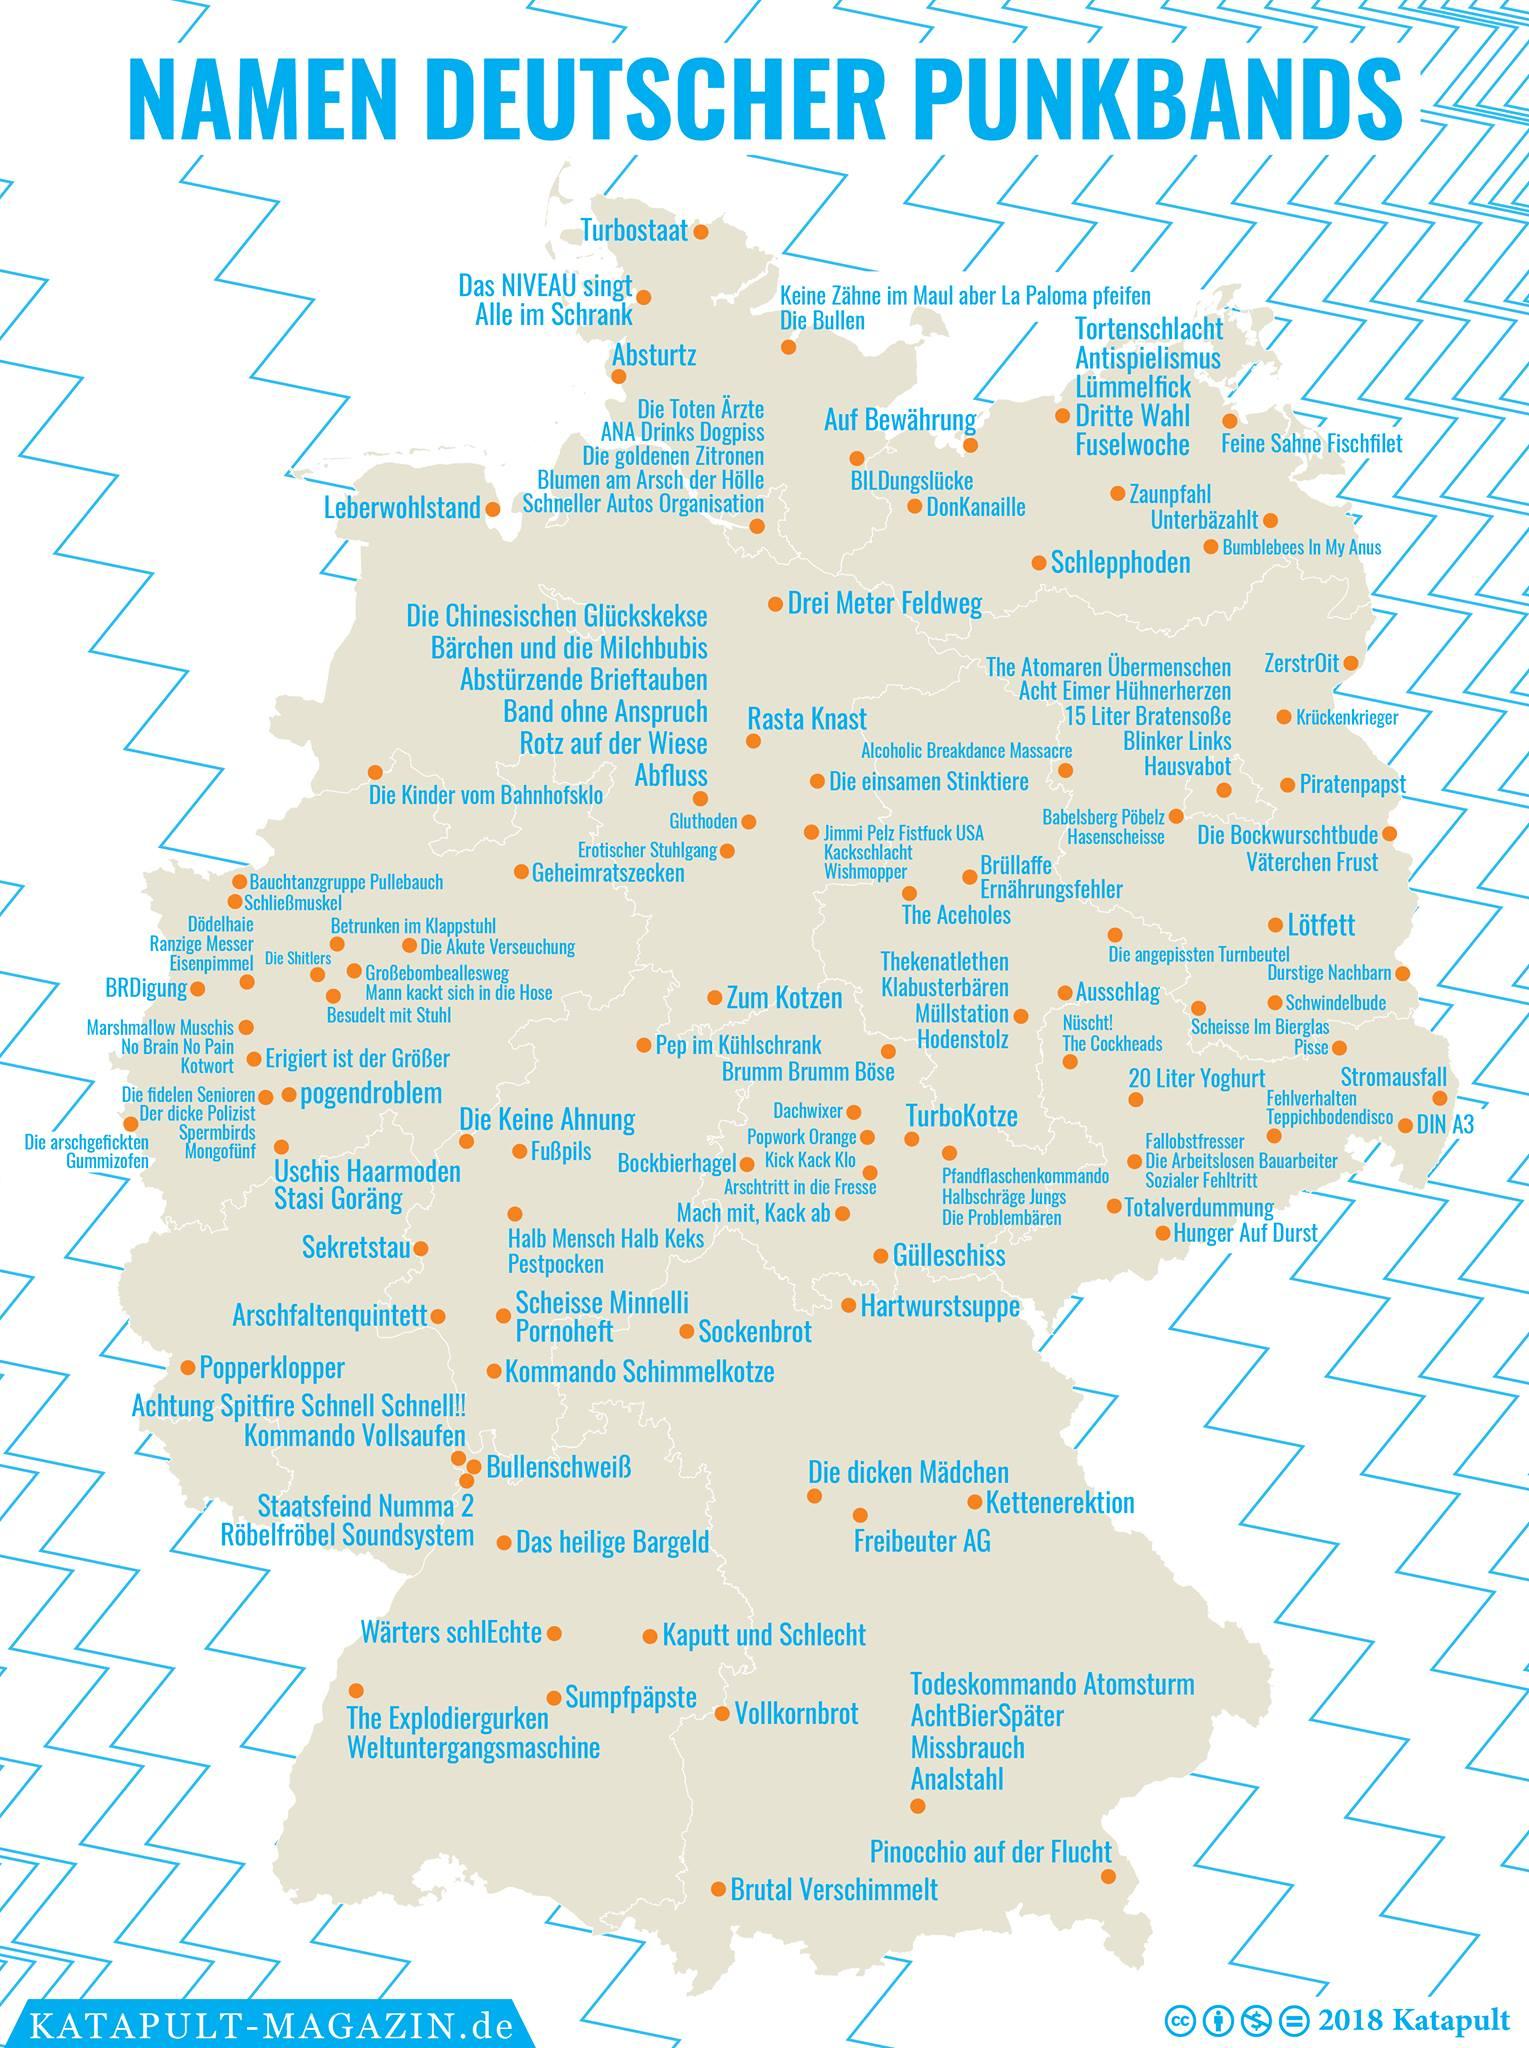 namen deutschland karte Die Namen deutscher Punkbands auf einer Deutschlandkarte